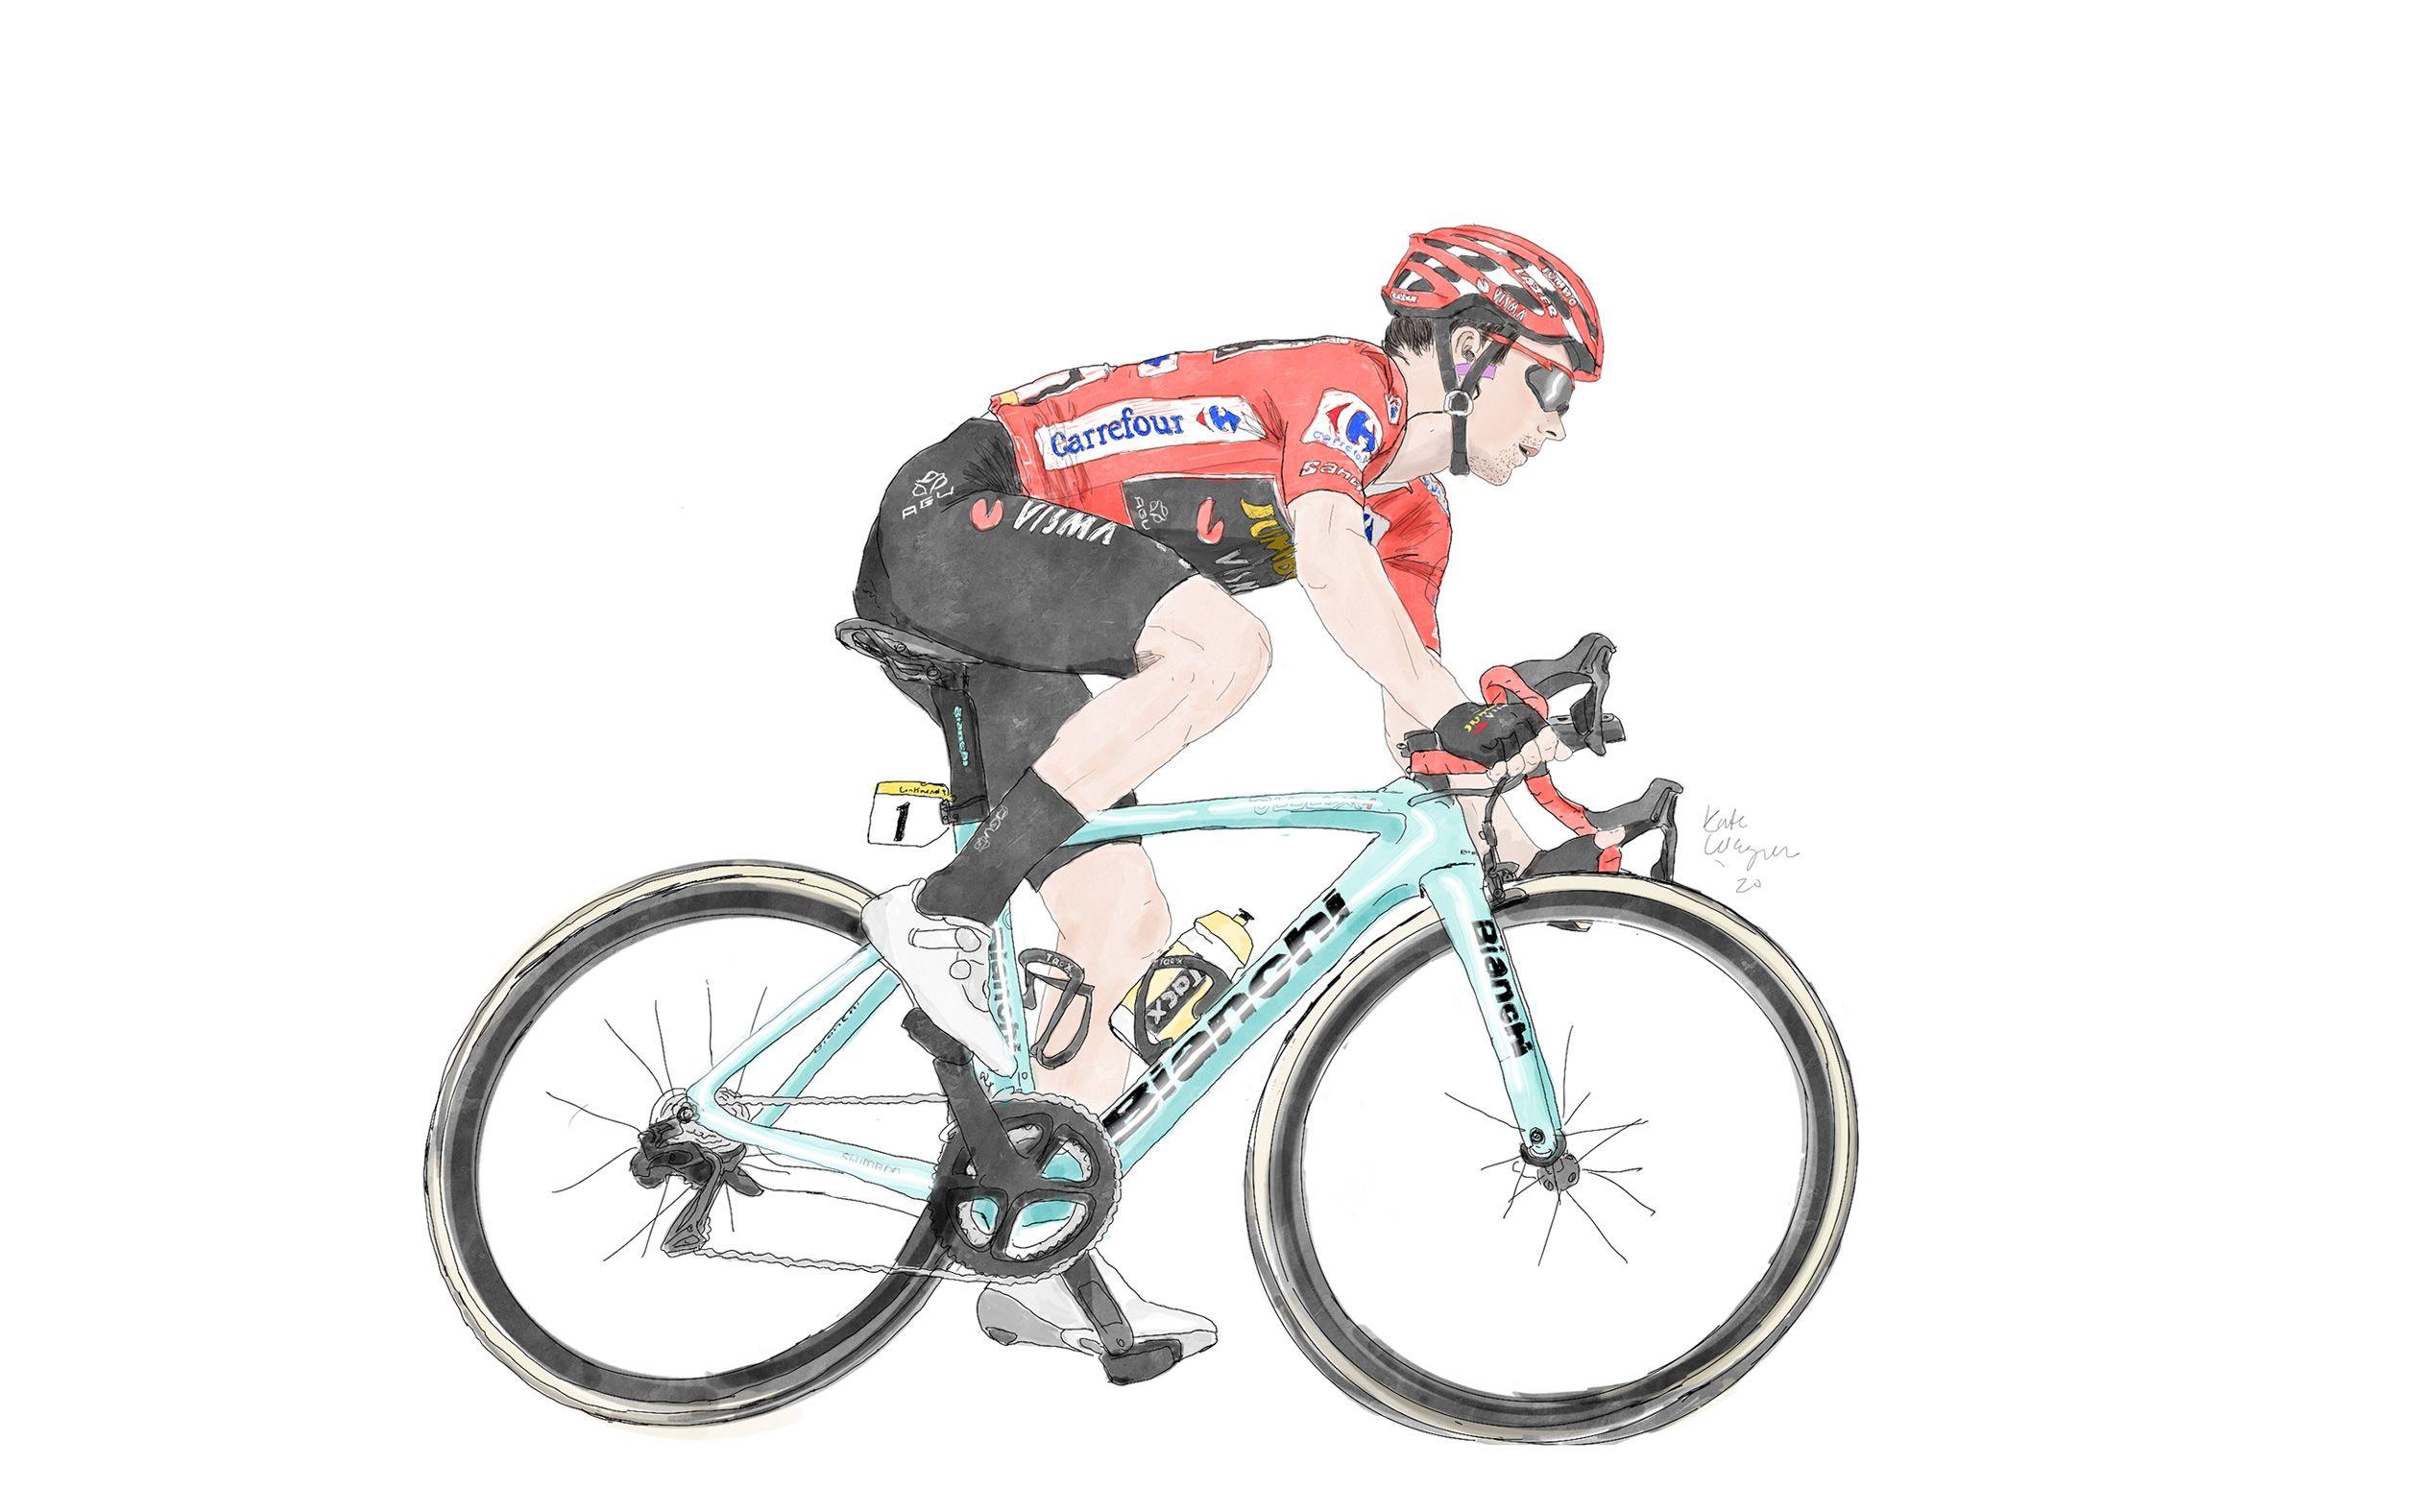 In the 2020 Vuelta a España leader's jersey.